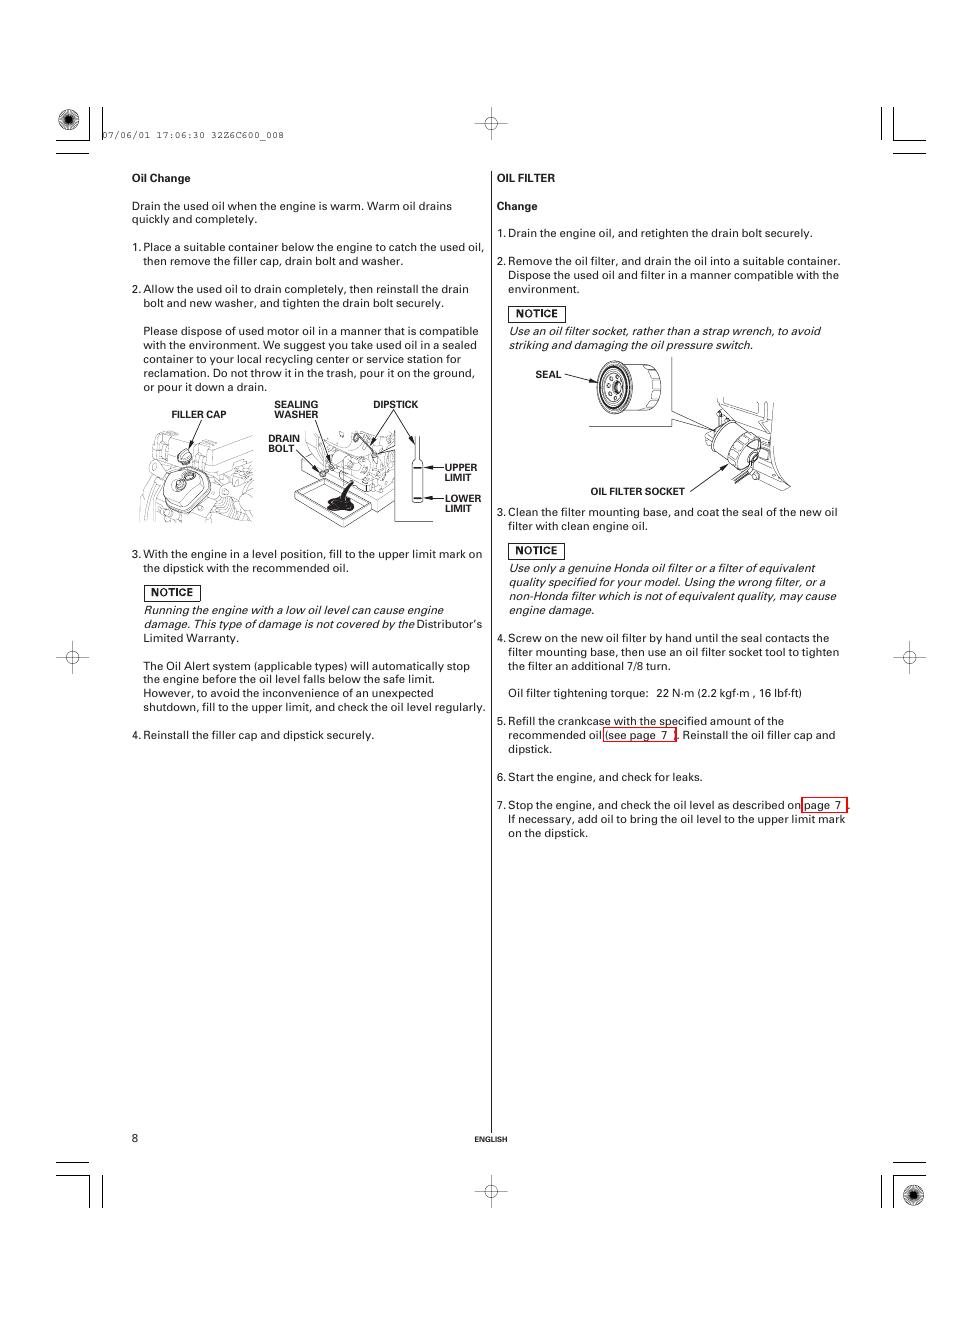 Oil Change Filter Honda Gx670 User Manual Page 8 58 Wiring Diagram